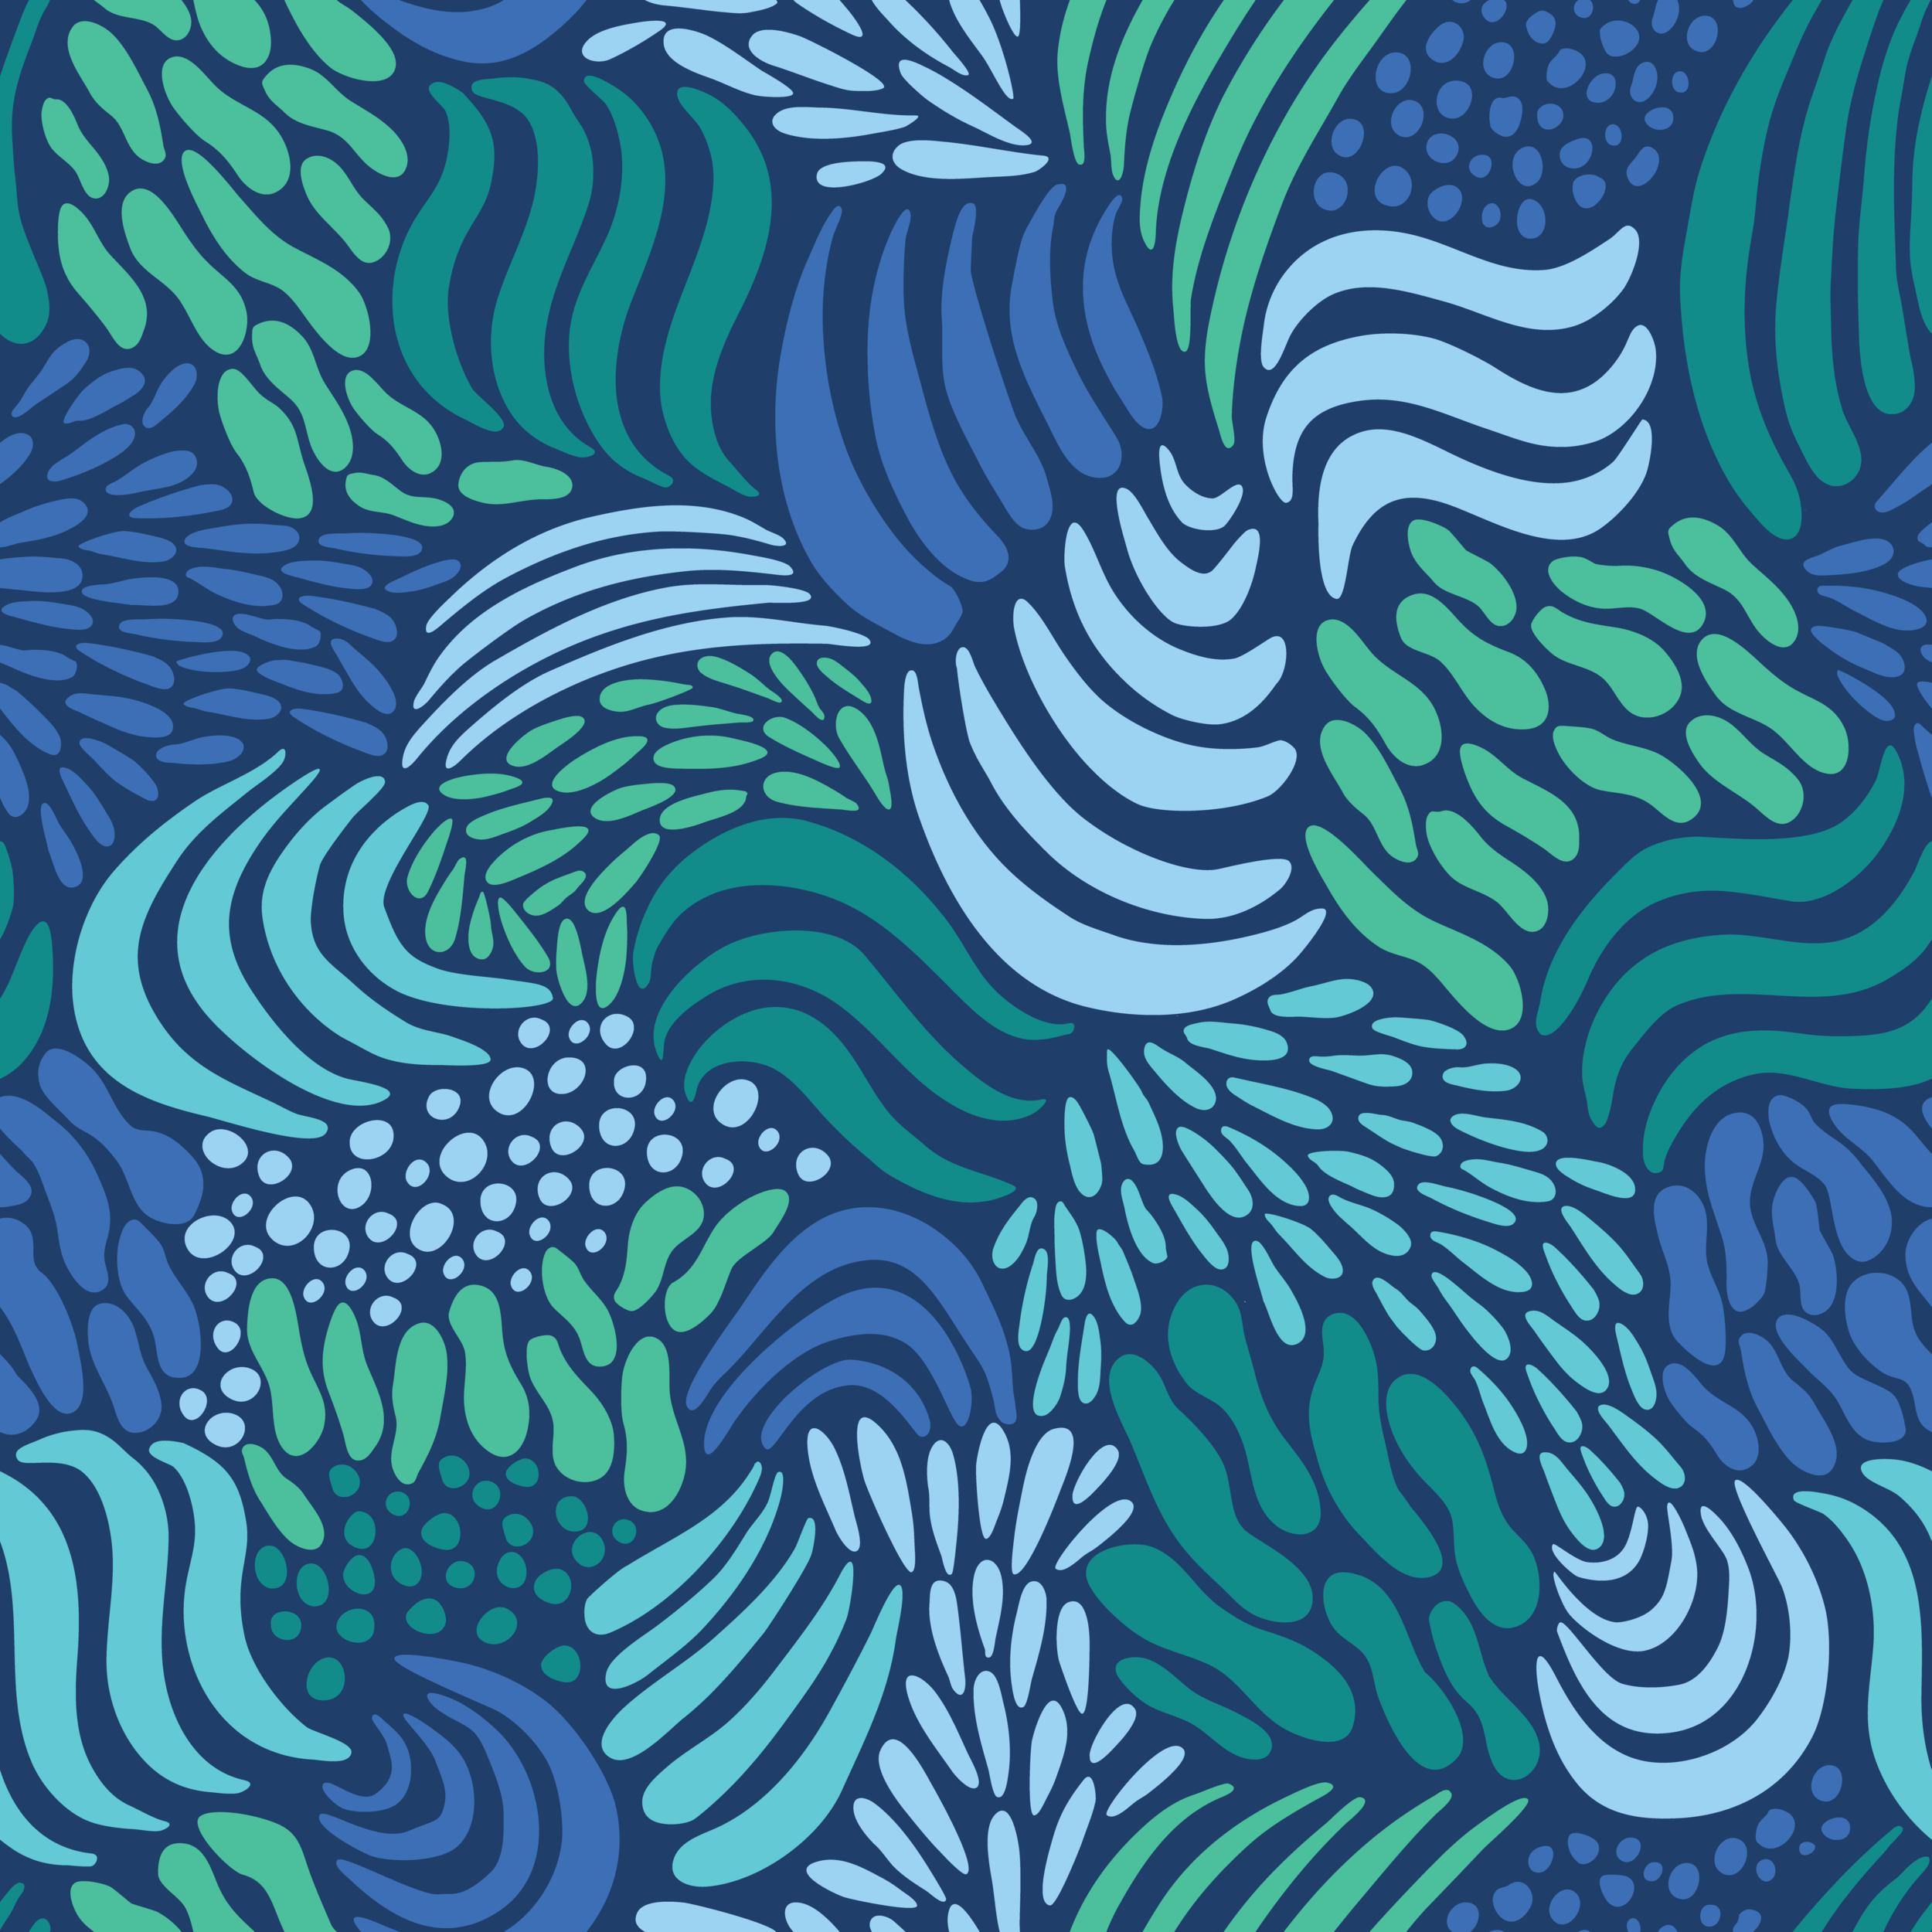 Ocean Waves_Navy Blue0.png